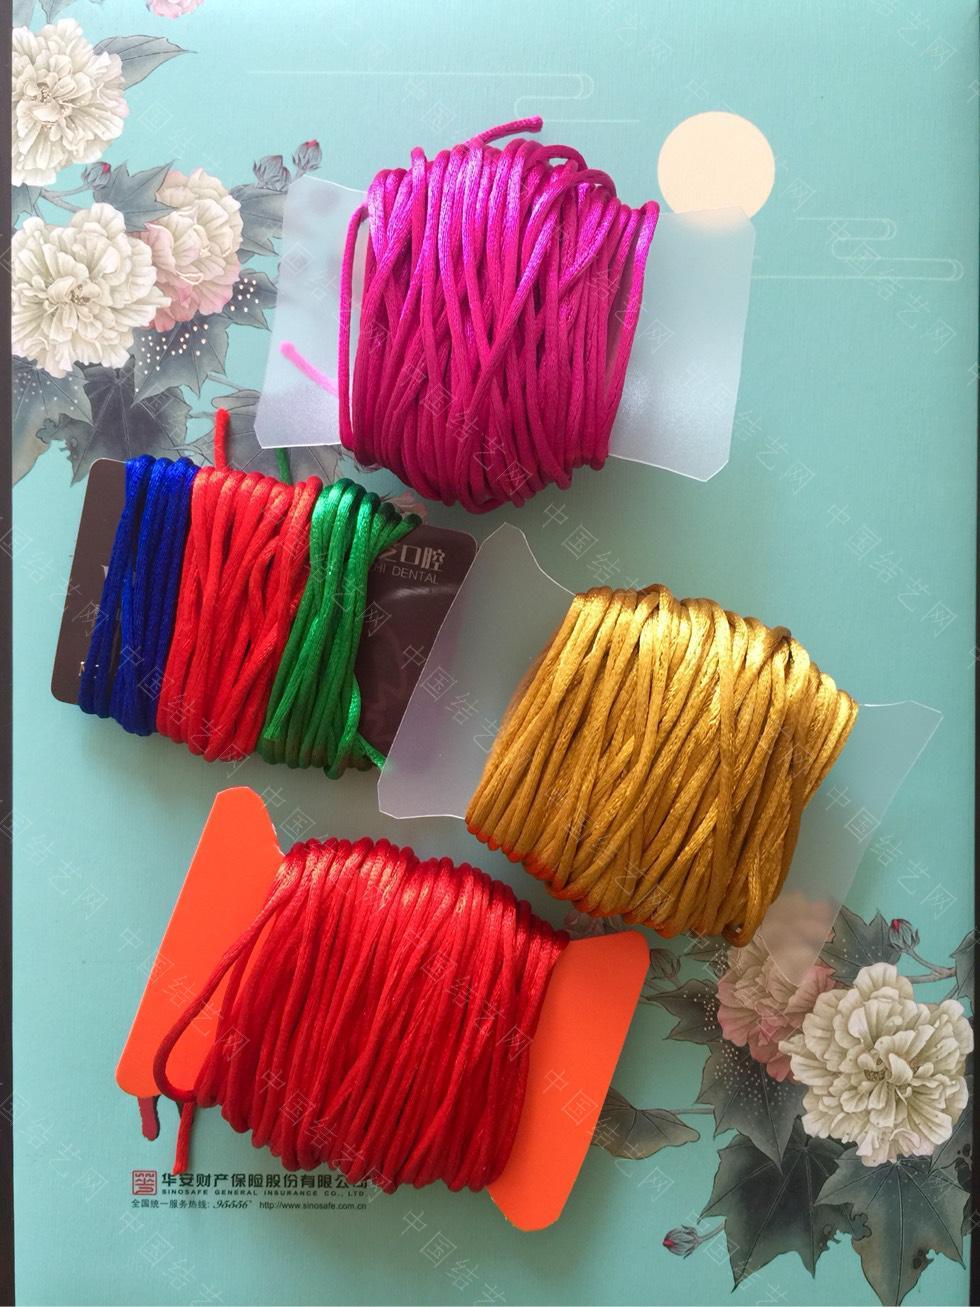 中国结论坛 自己做的线材盒和缠线板,废物利用 自己,做的,线材,缠线,废物 作品展示 112232gzaeanfz4aywaaya